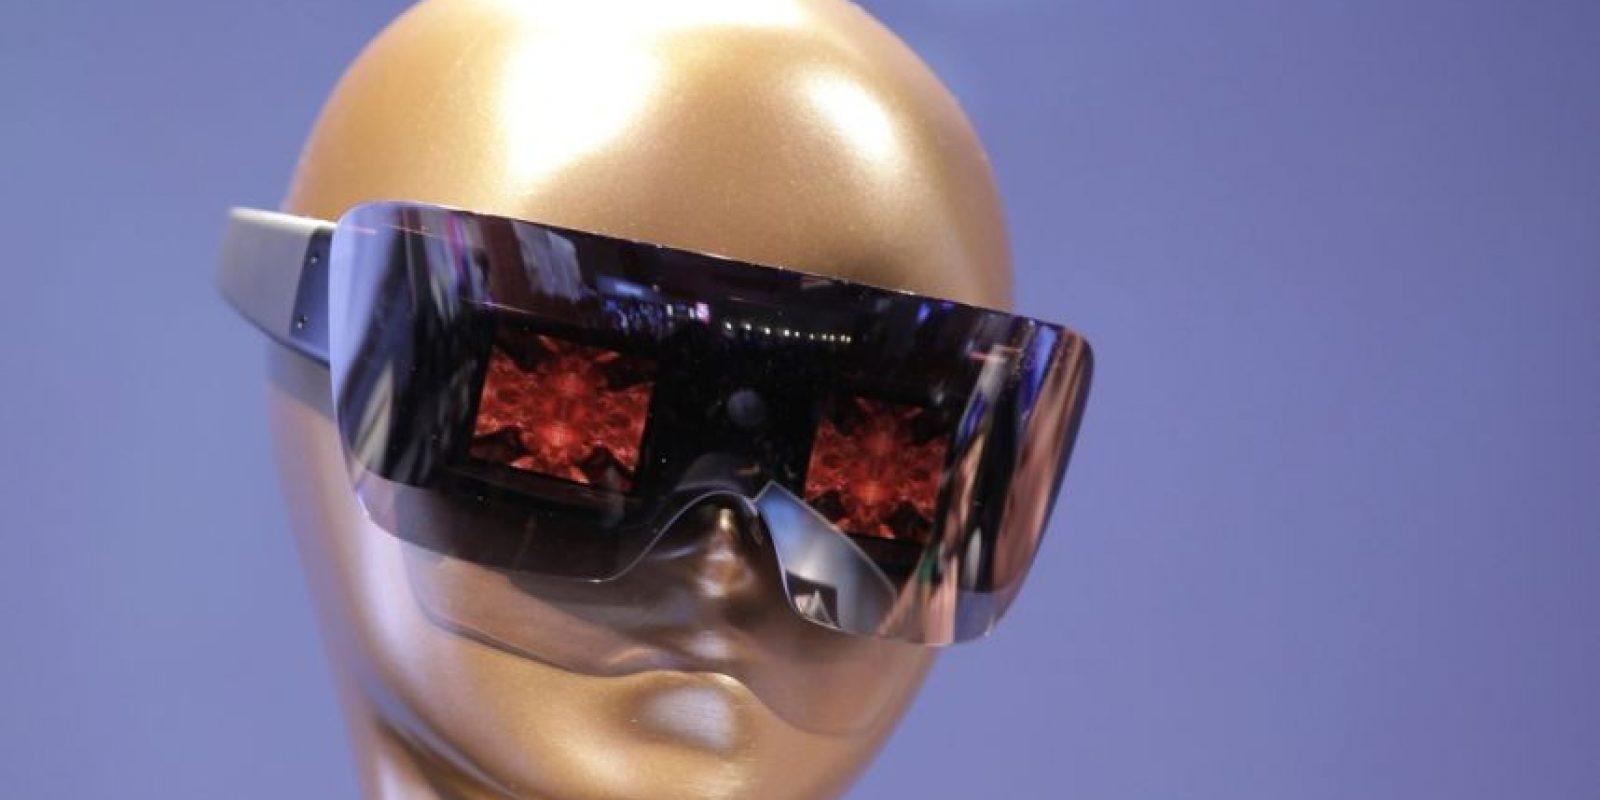 Los lentes para sol GL30 diseñados por la actriz toman fotos y también pueden proyectarlas